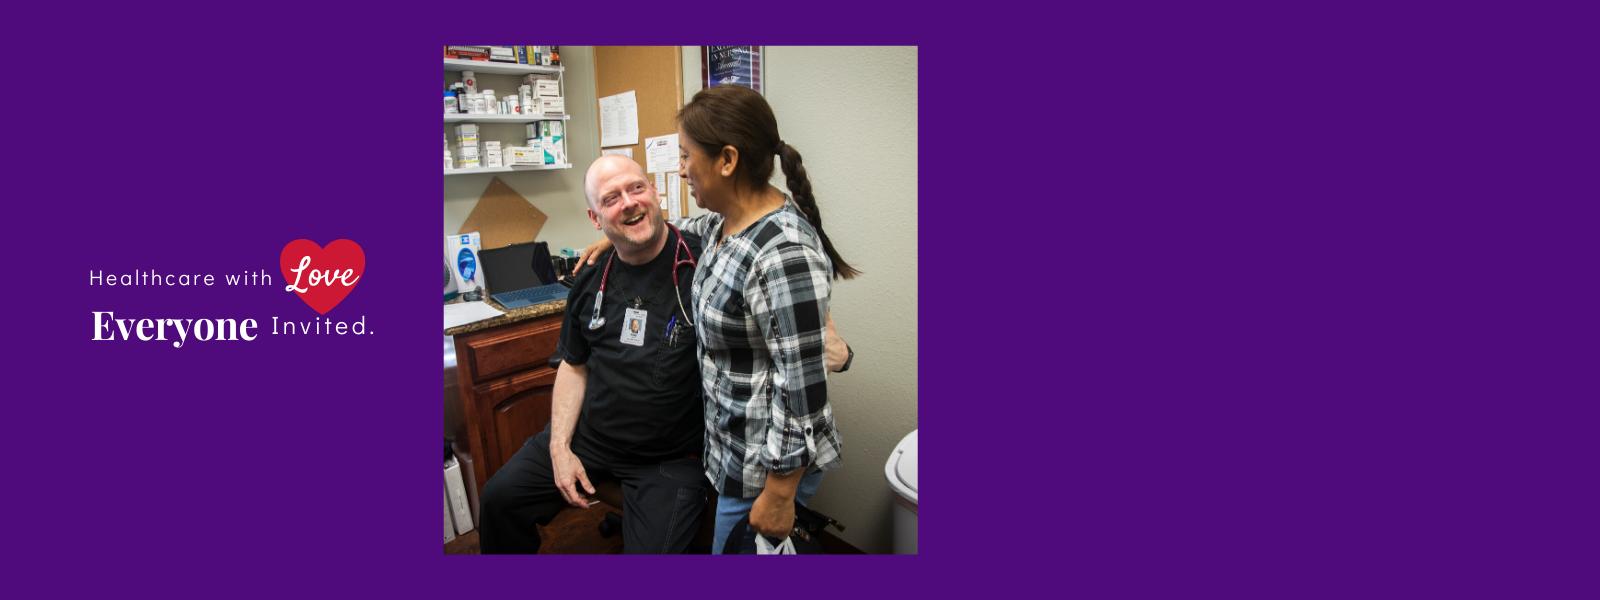 Sponsor a patient visit today! image